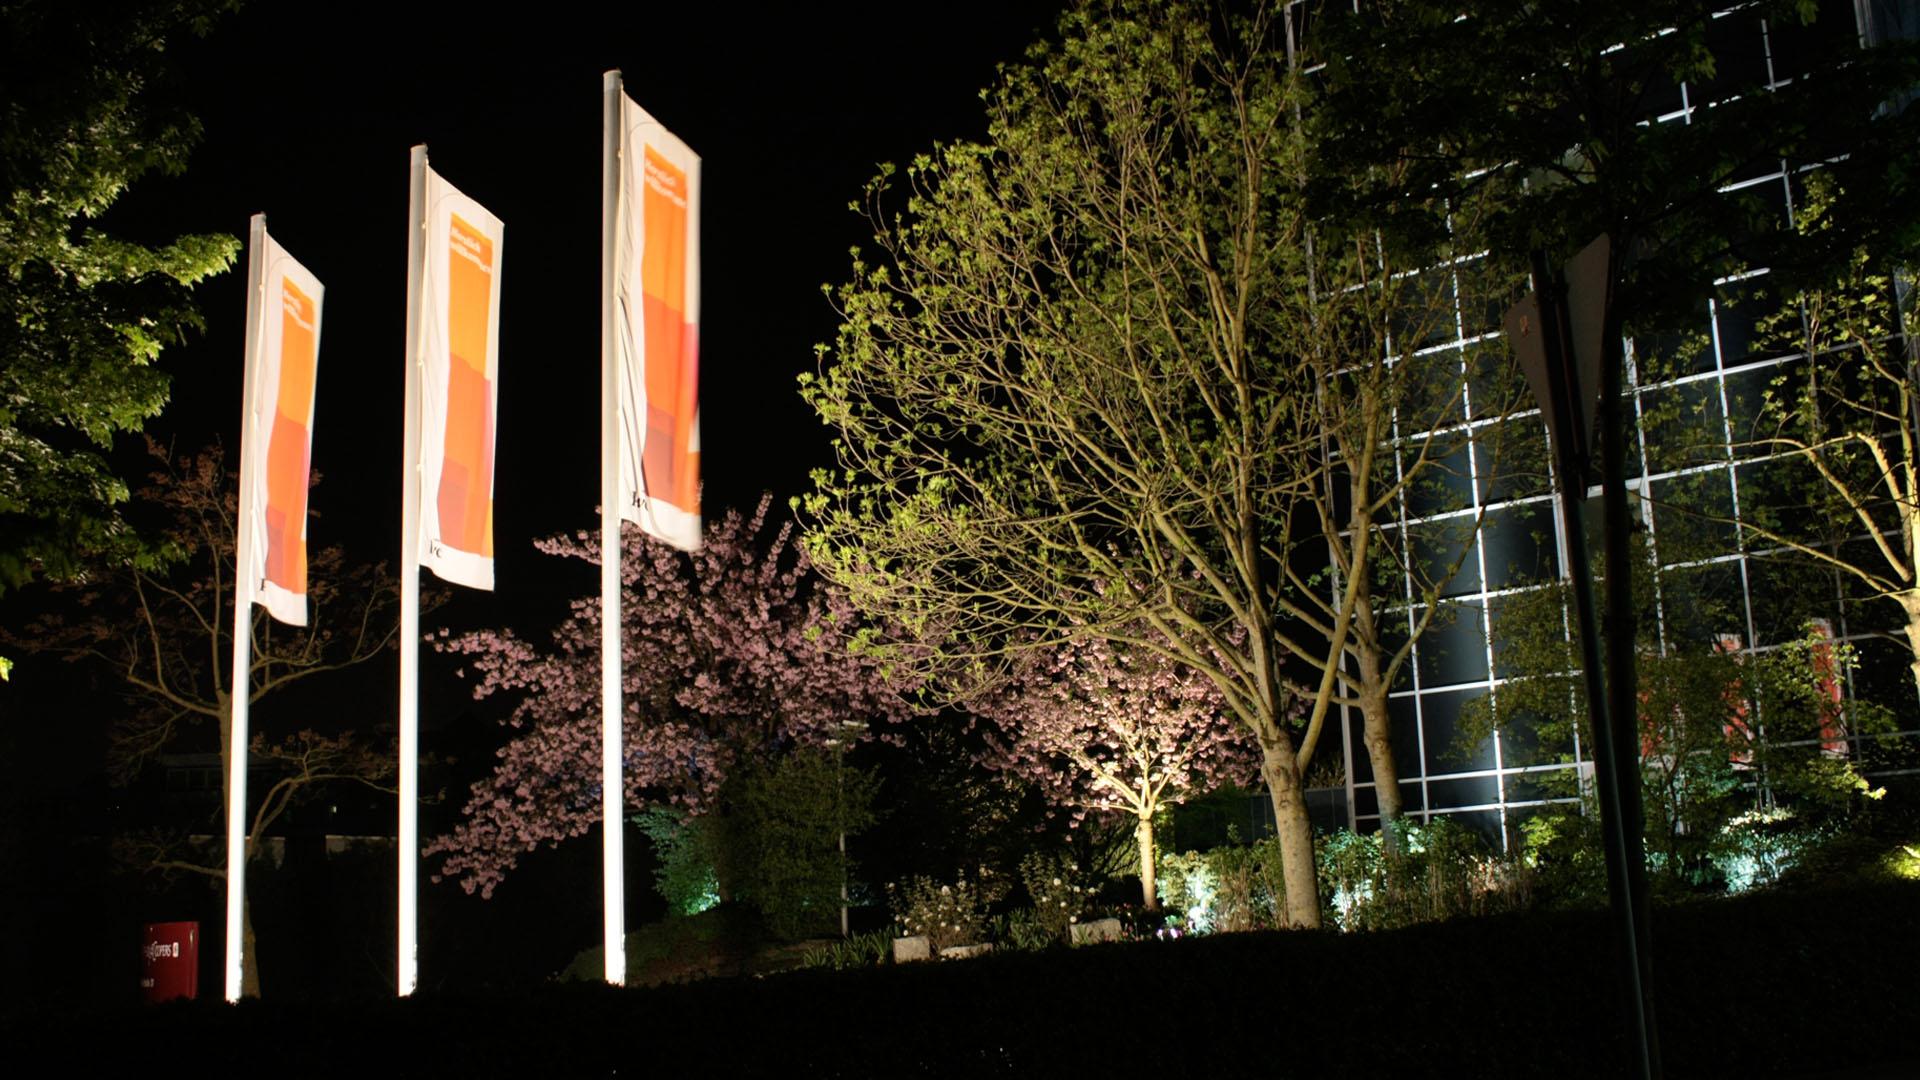 MAASS-Lichtplanung_Lichtplanung für Fassade und Freiflächen__02_Olof-Palme-Straße_Slideshow_06